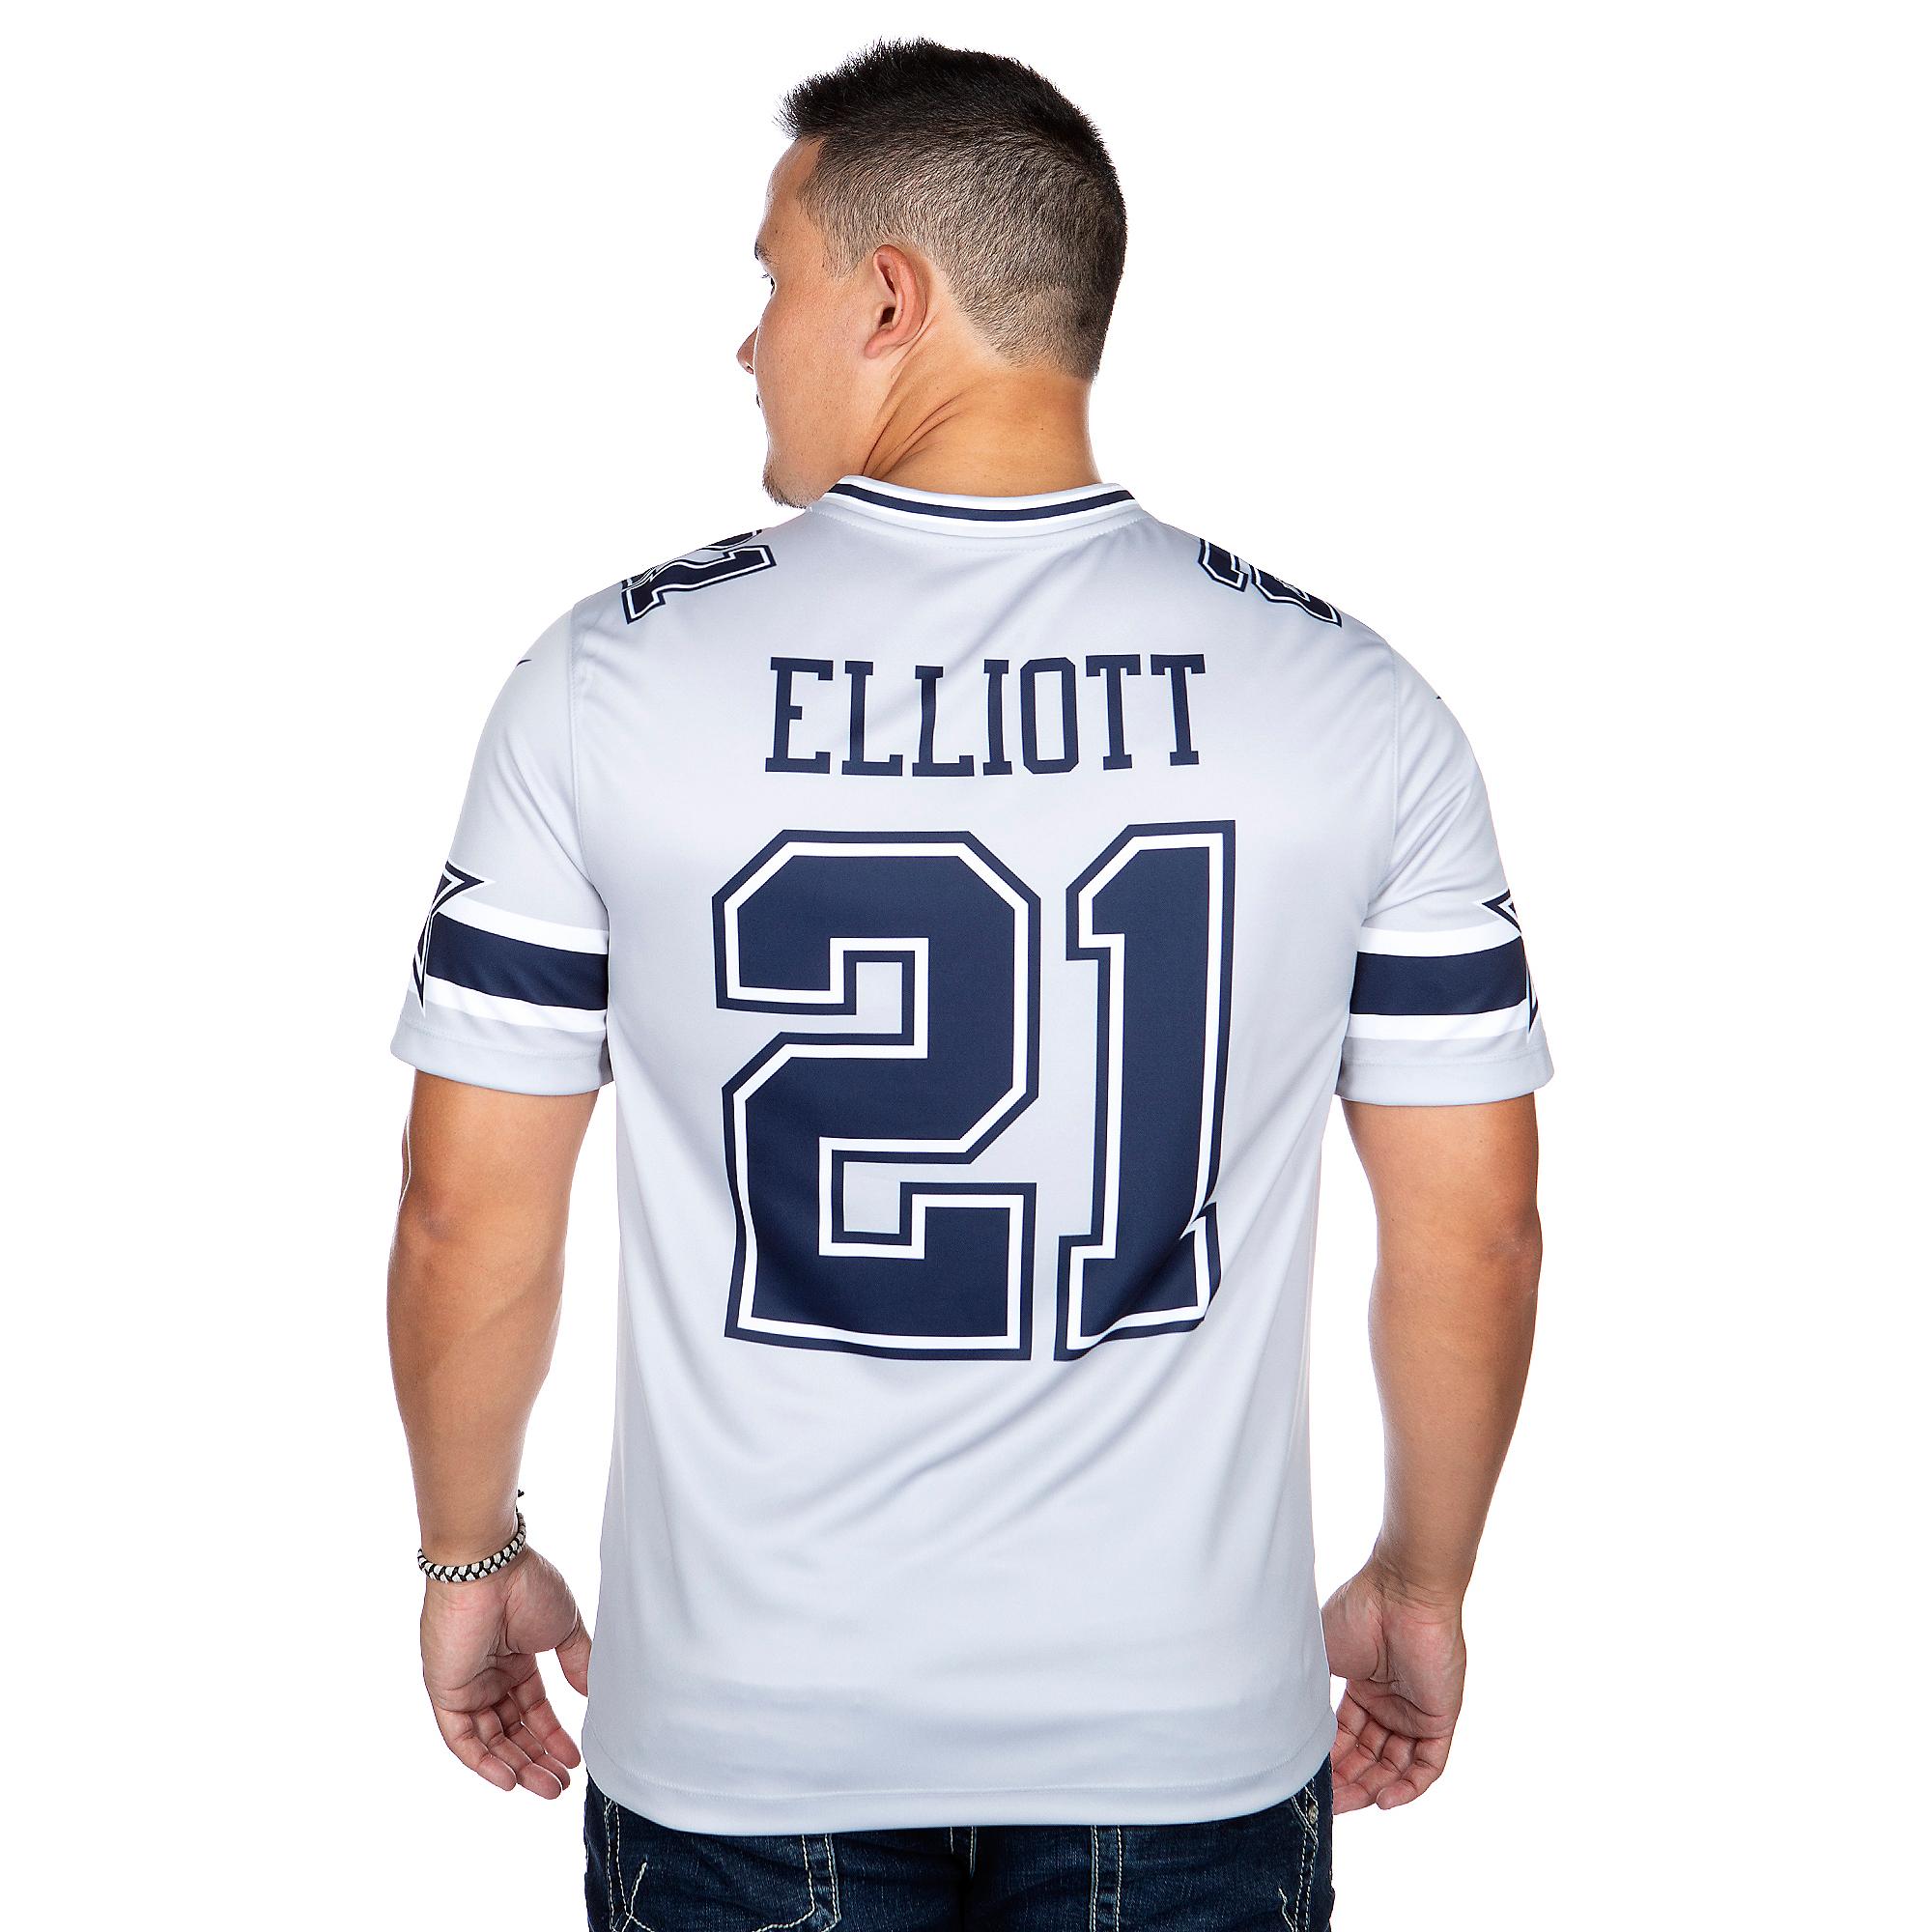 hot sales 60a50 47f92 Dallas Cowboys Ezekiel Elliott #21 Nike Legend Secondary ...